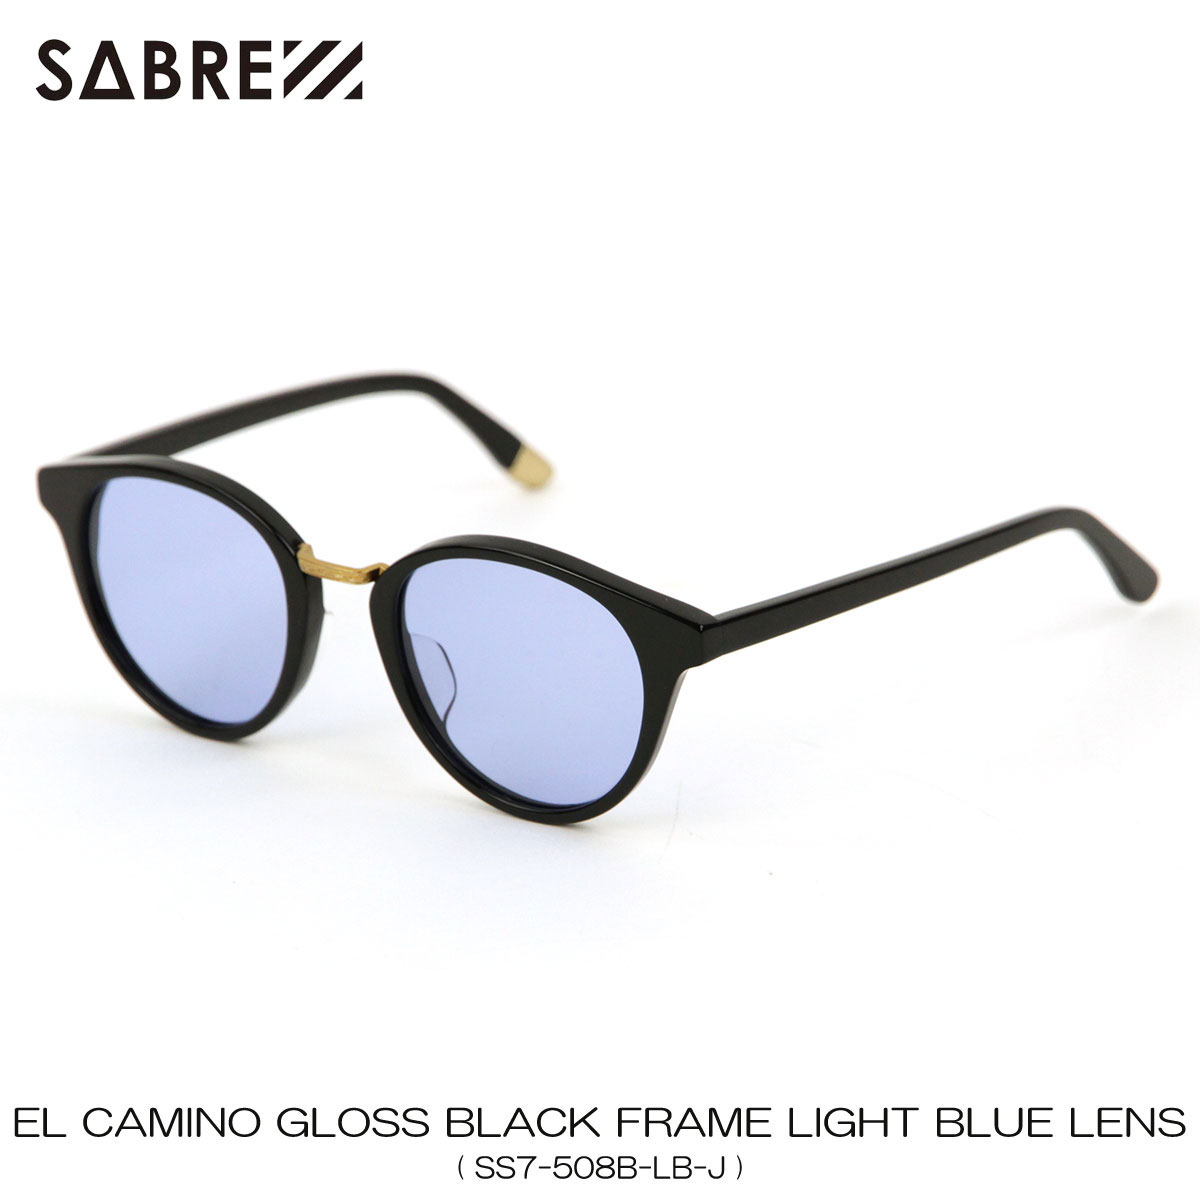 セイバー SABRE 正規販売店 サングラス めがね EL CAMINO BLACK GROSS FRAME LIGHT BLUE LENS SUNGLASS SS7-508B-LB-J 敬老の日 プレゼント